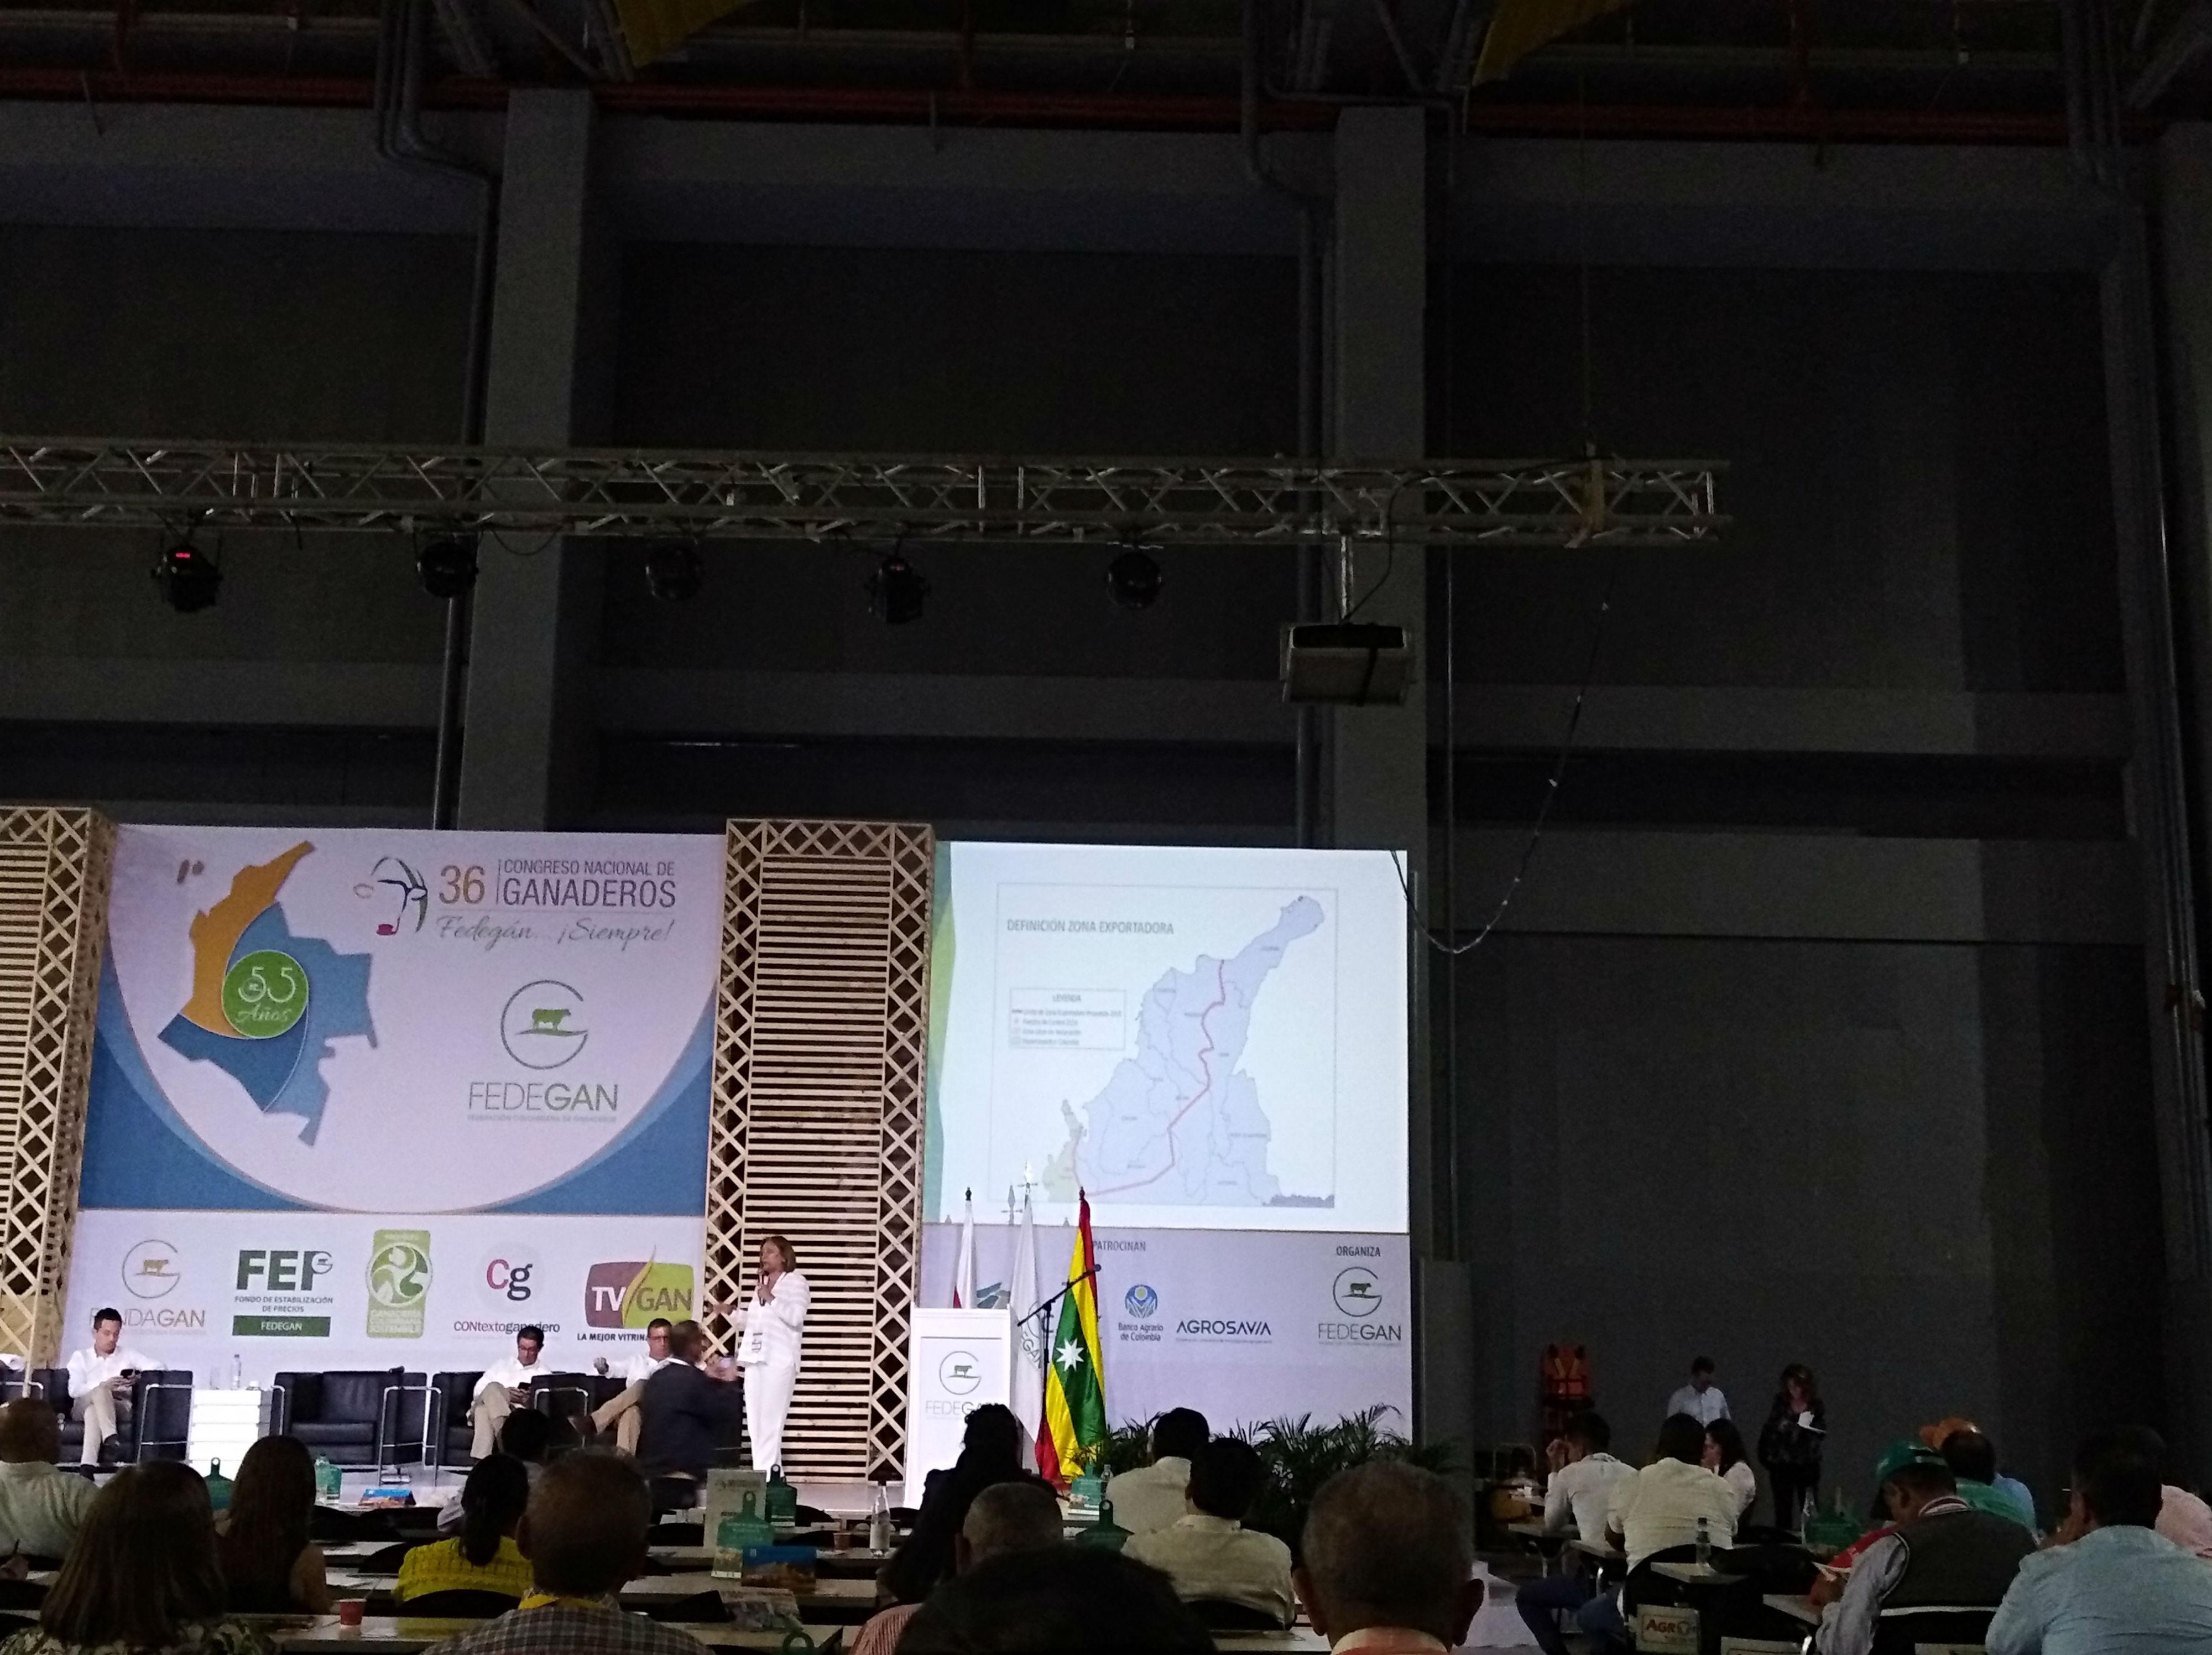 Deyanira León, gerente general del ICA, durante su conferencia. Al fondo el mapa con la propuesta de zona exportadora bovina.